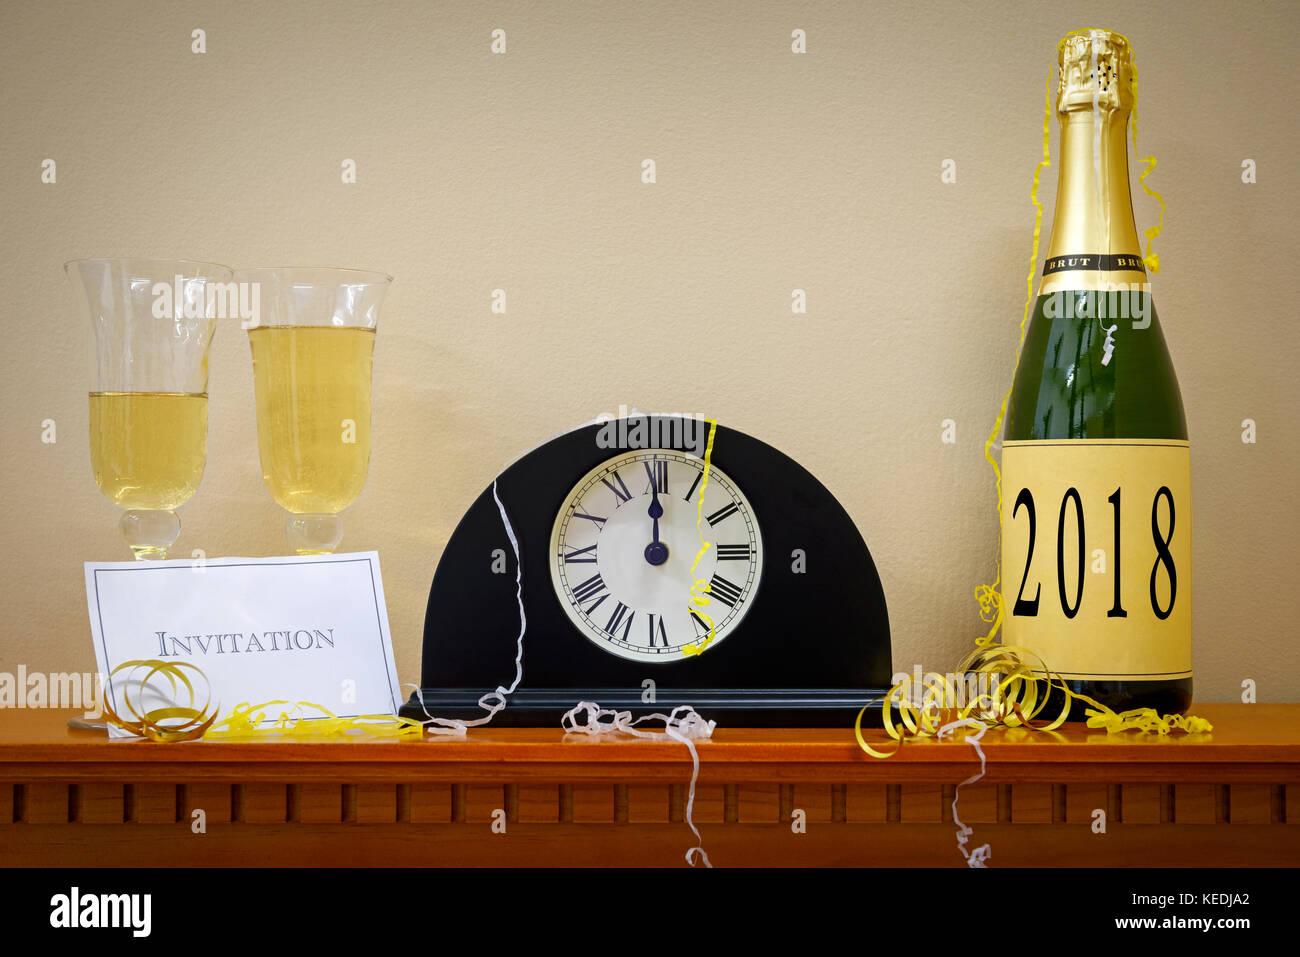 Un orologio che mostra la mezzanotte al nuovo anno con una bottiglia di  champagne etichettati 2018 6f8b4262743e